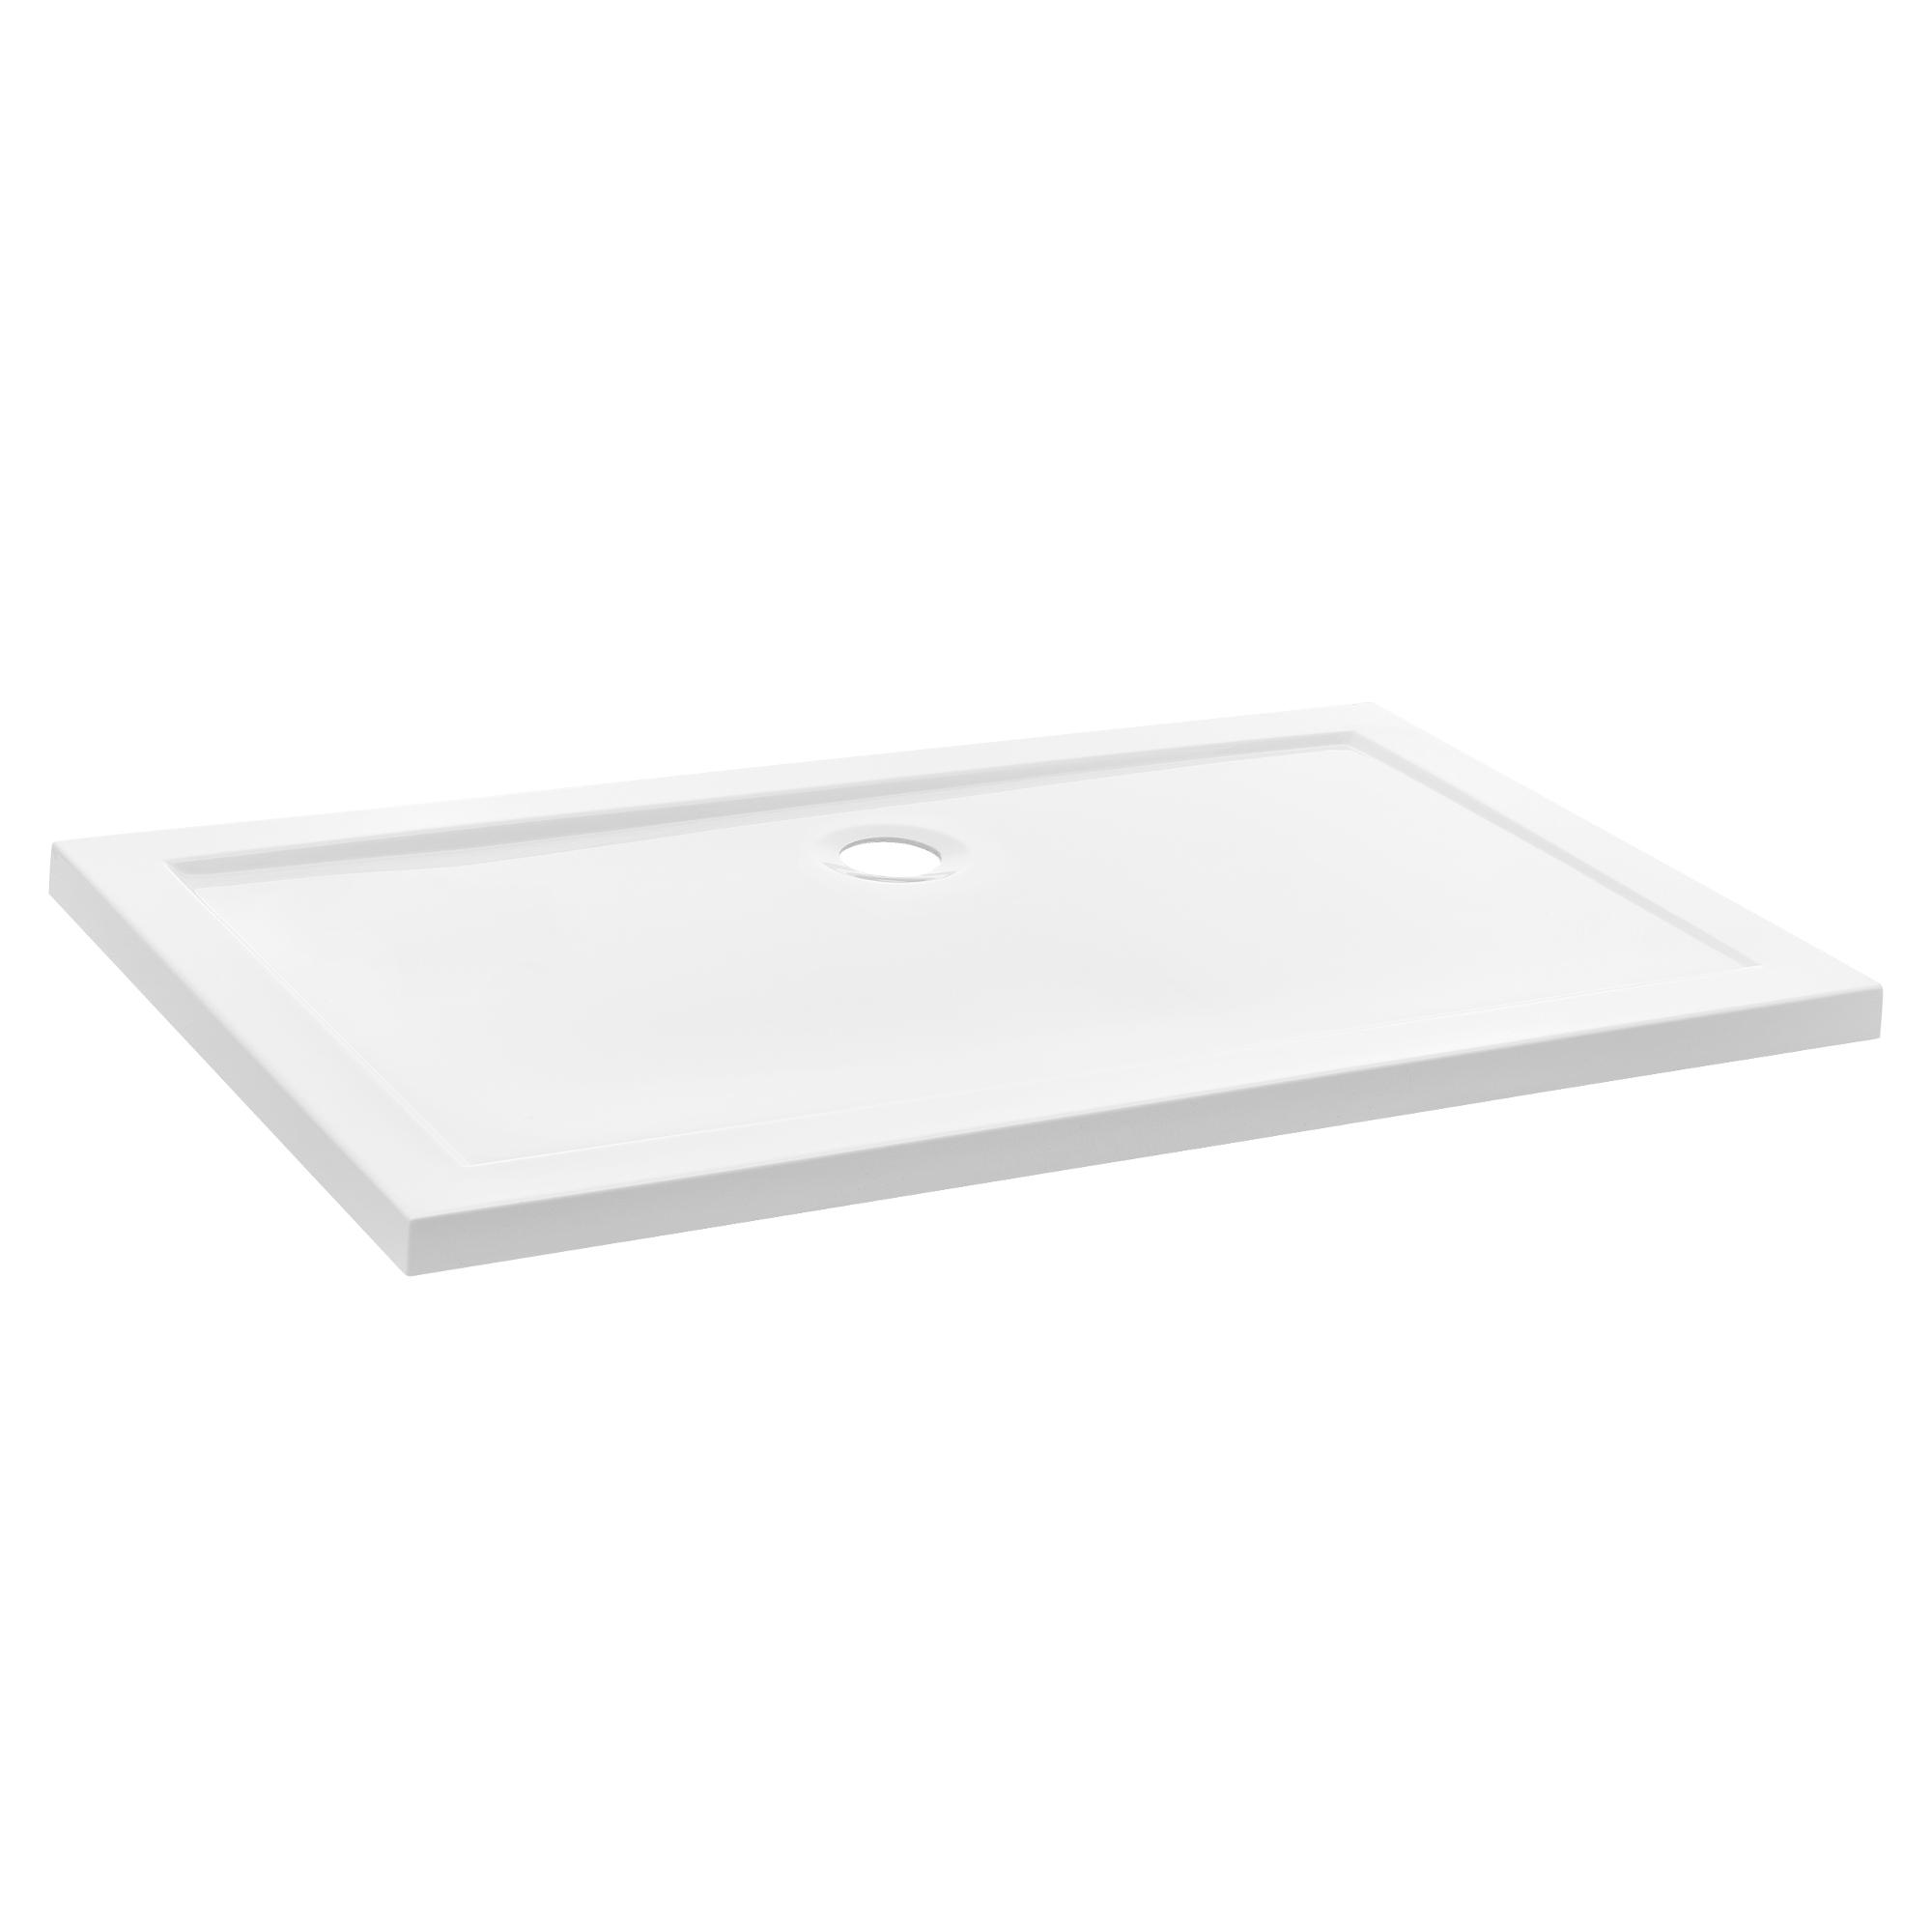 duschwanne 80x120 cm reinwei duschtasse rechteckig extra flach bad ebay. Black Bedroom Furniture Sets. Home Design Ideas